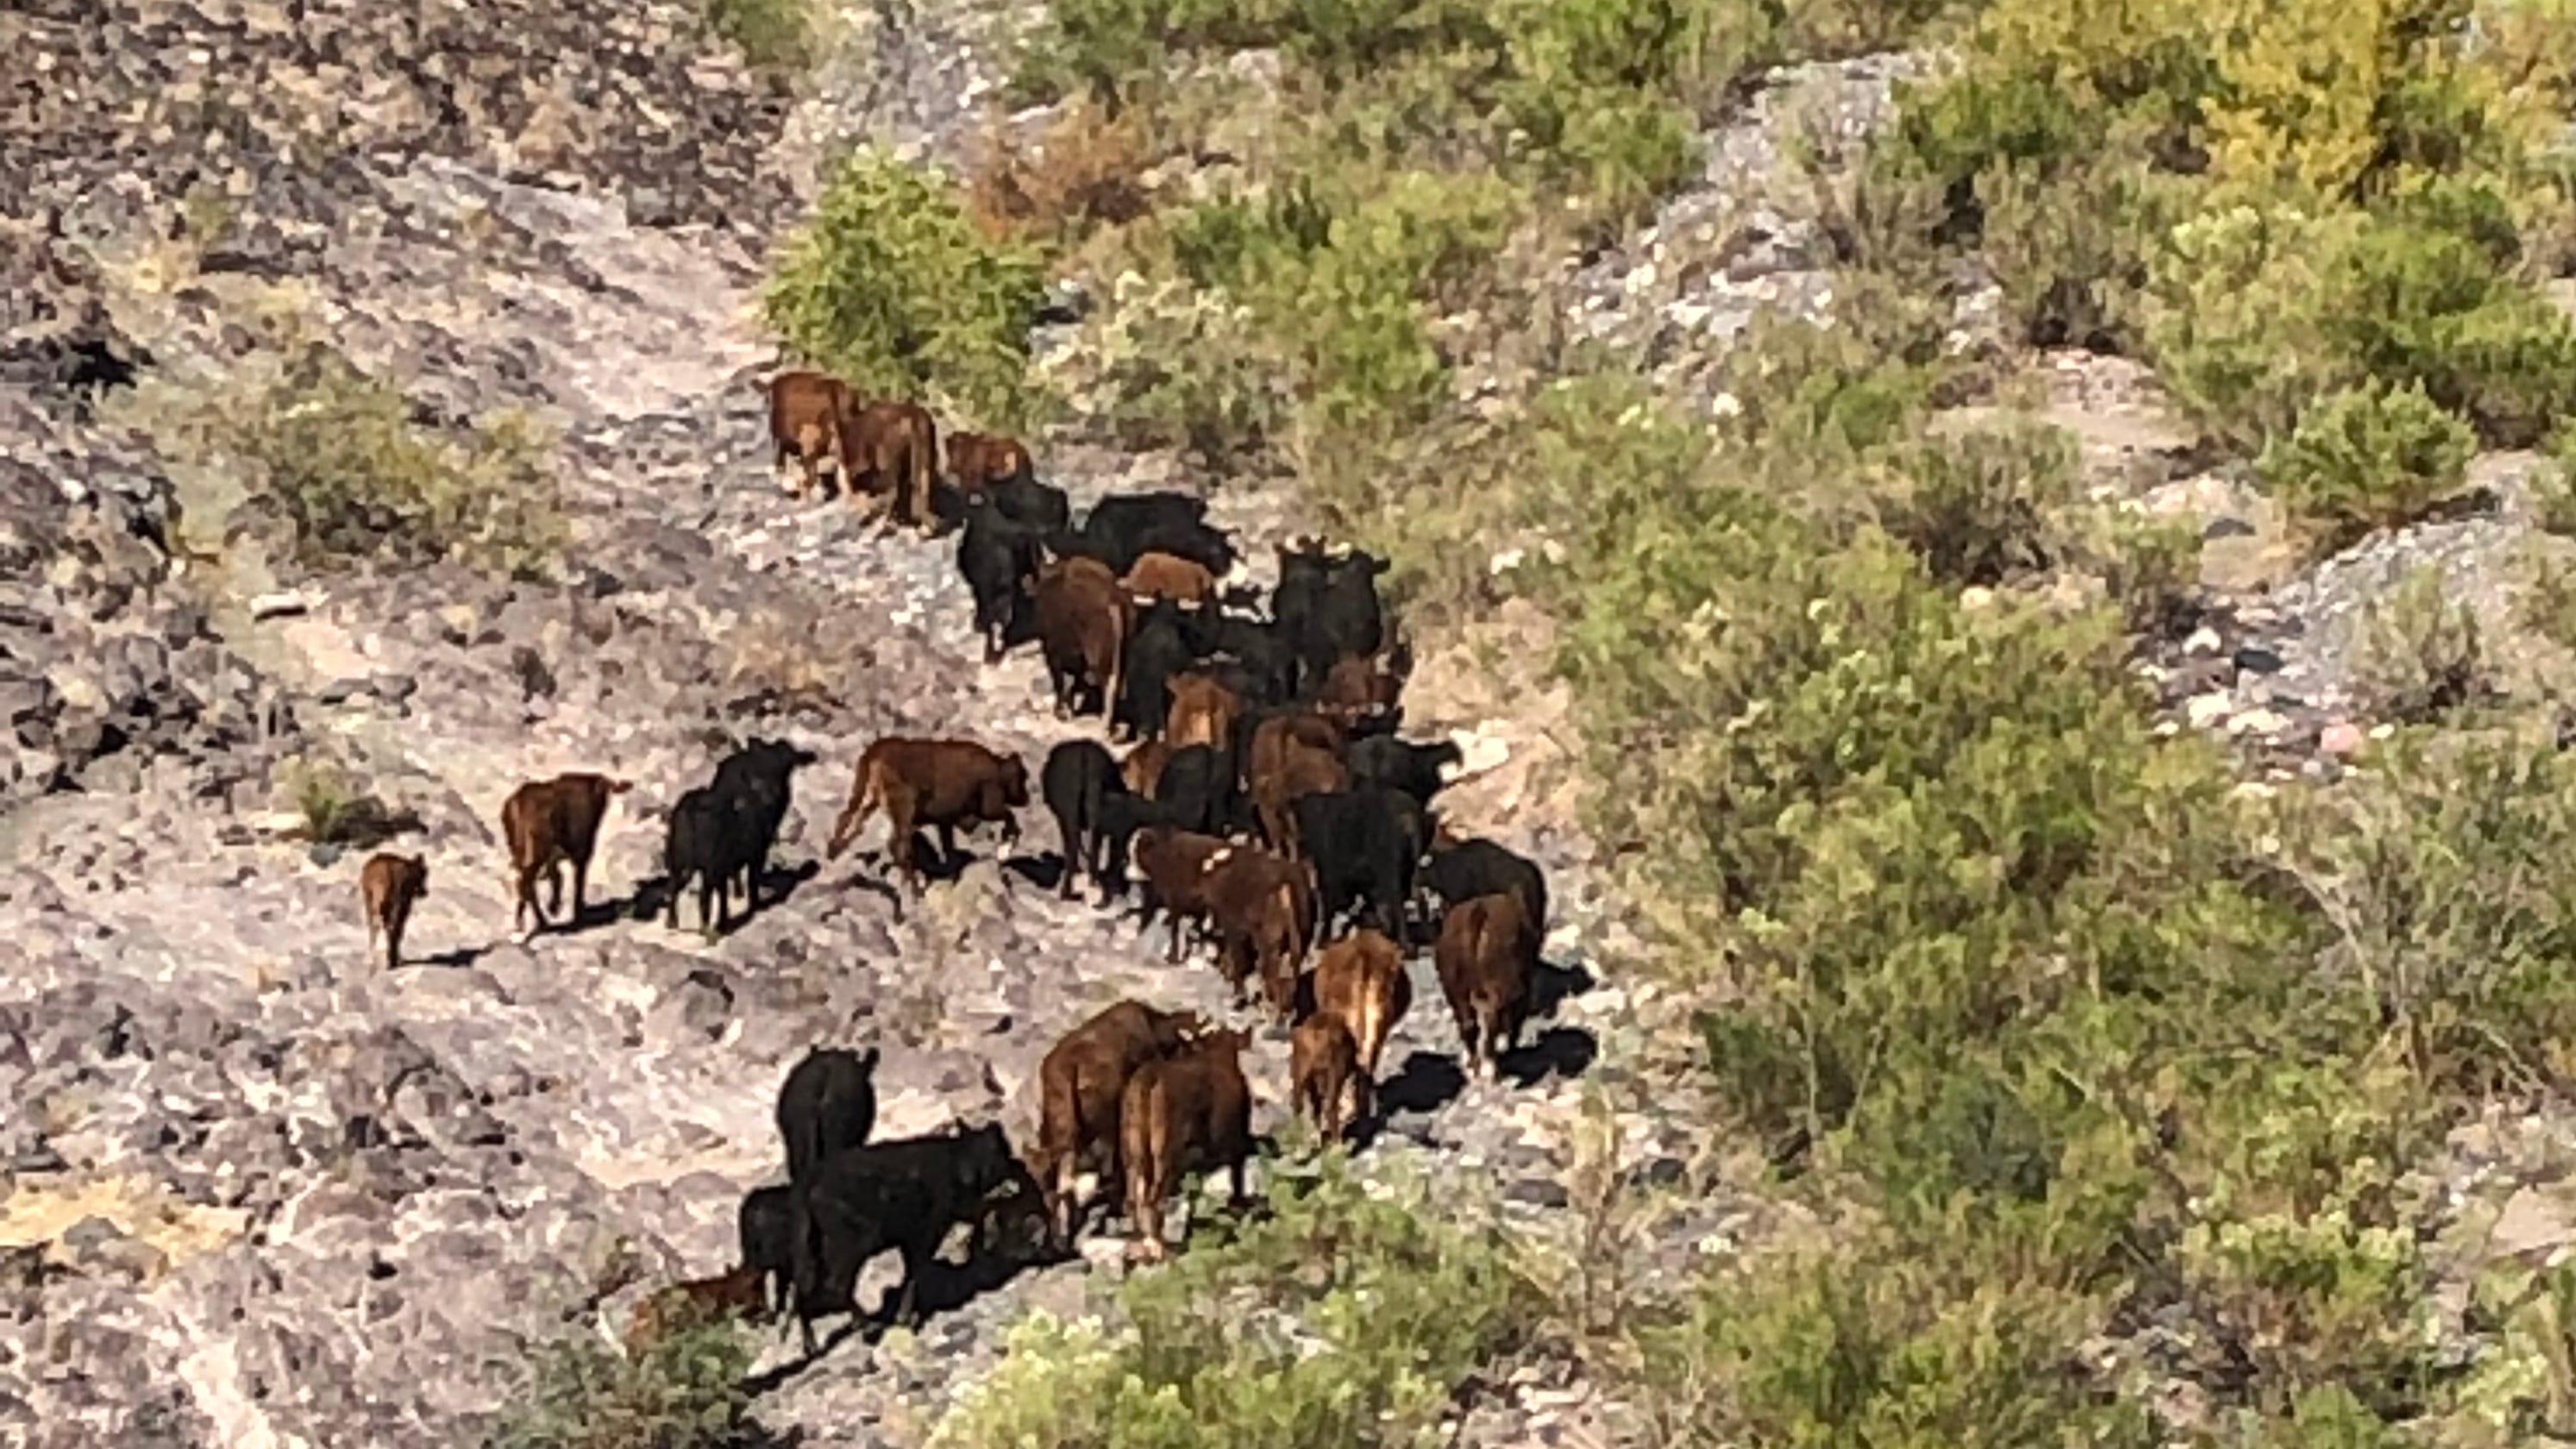 Feds round up feral cattle along the Verde River after habitat damage complaints